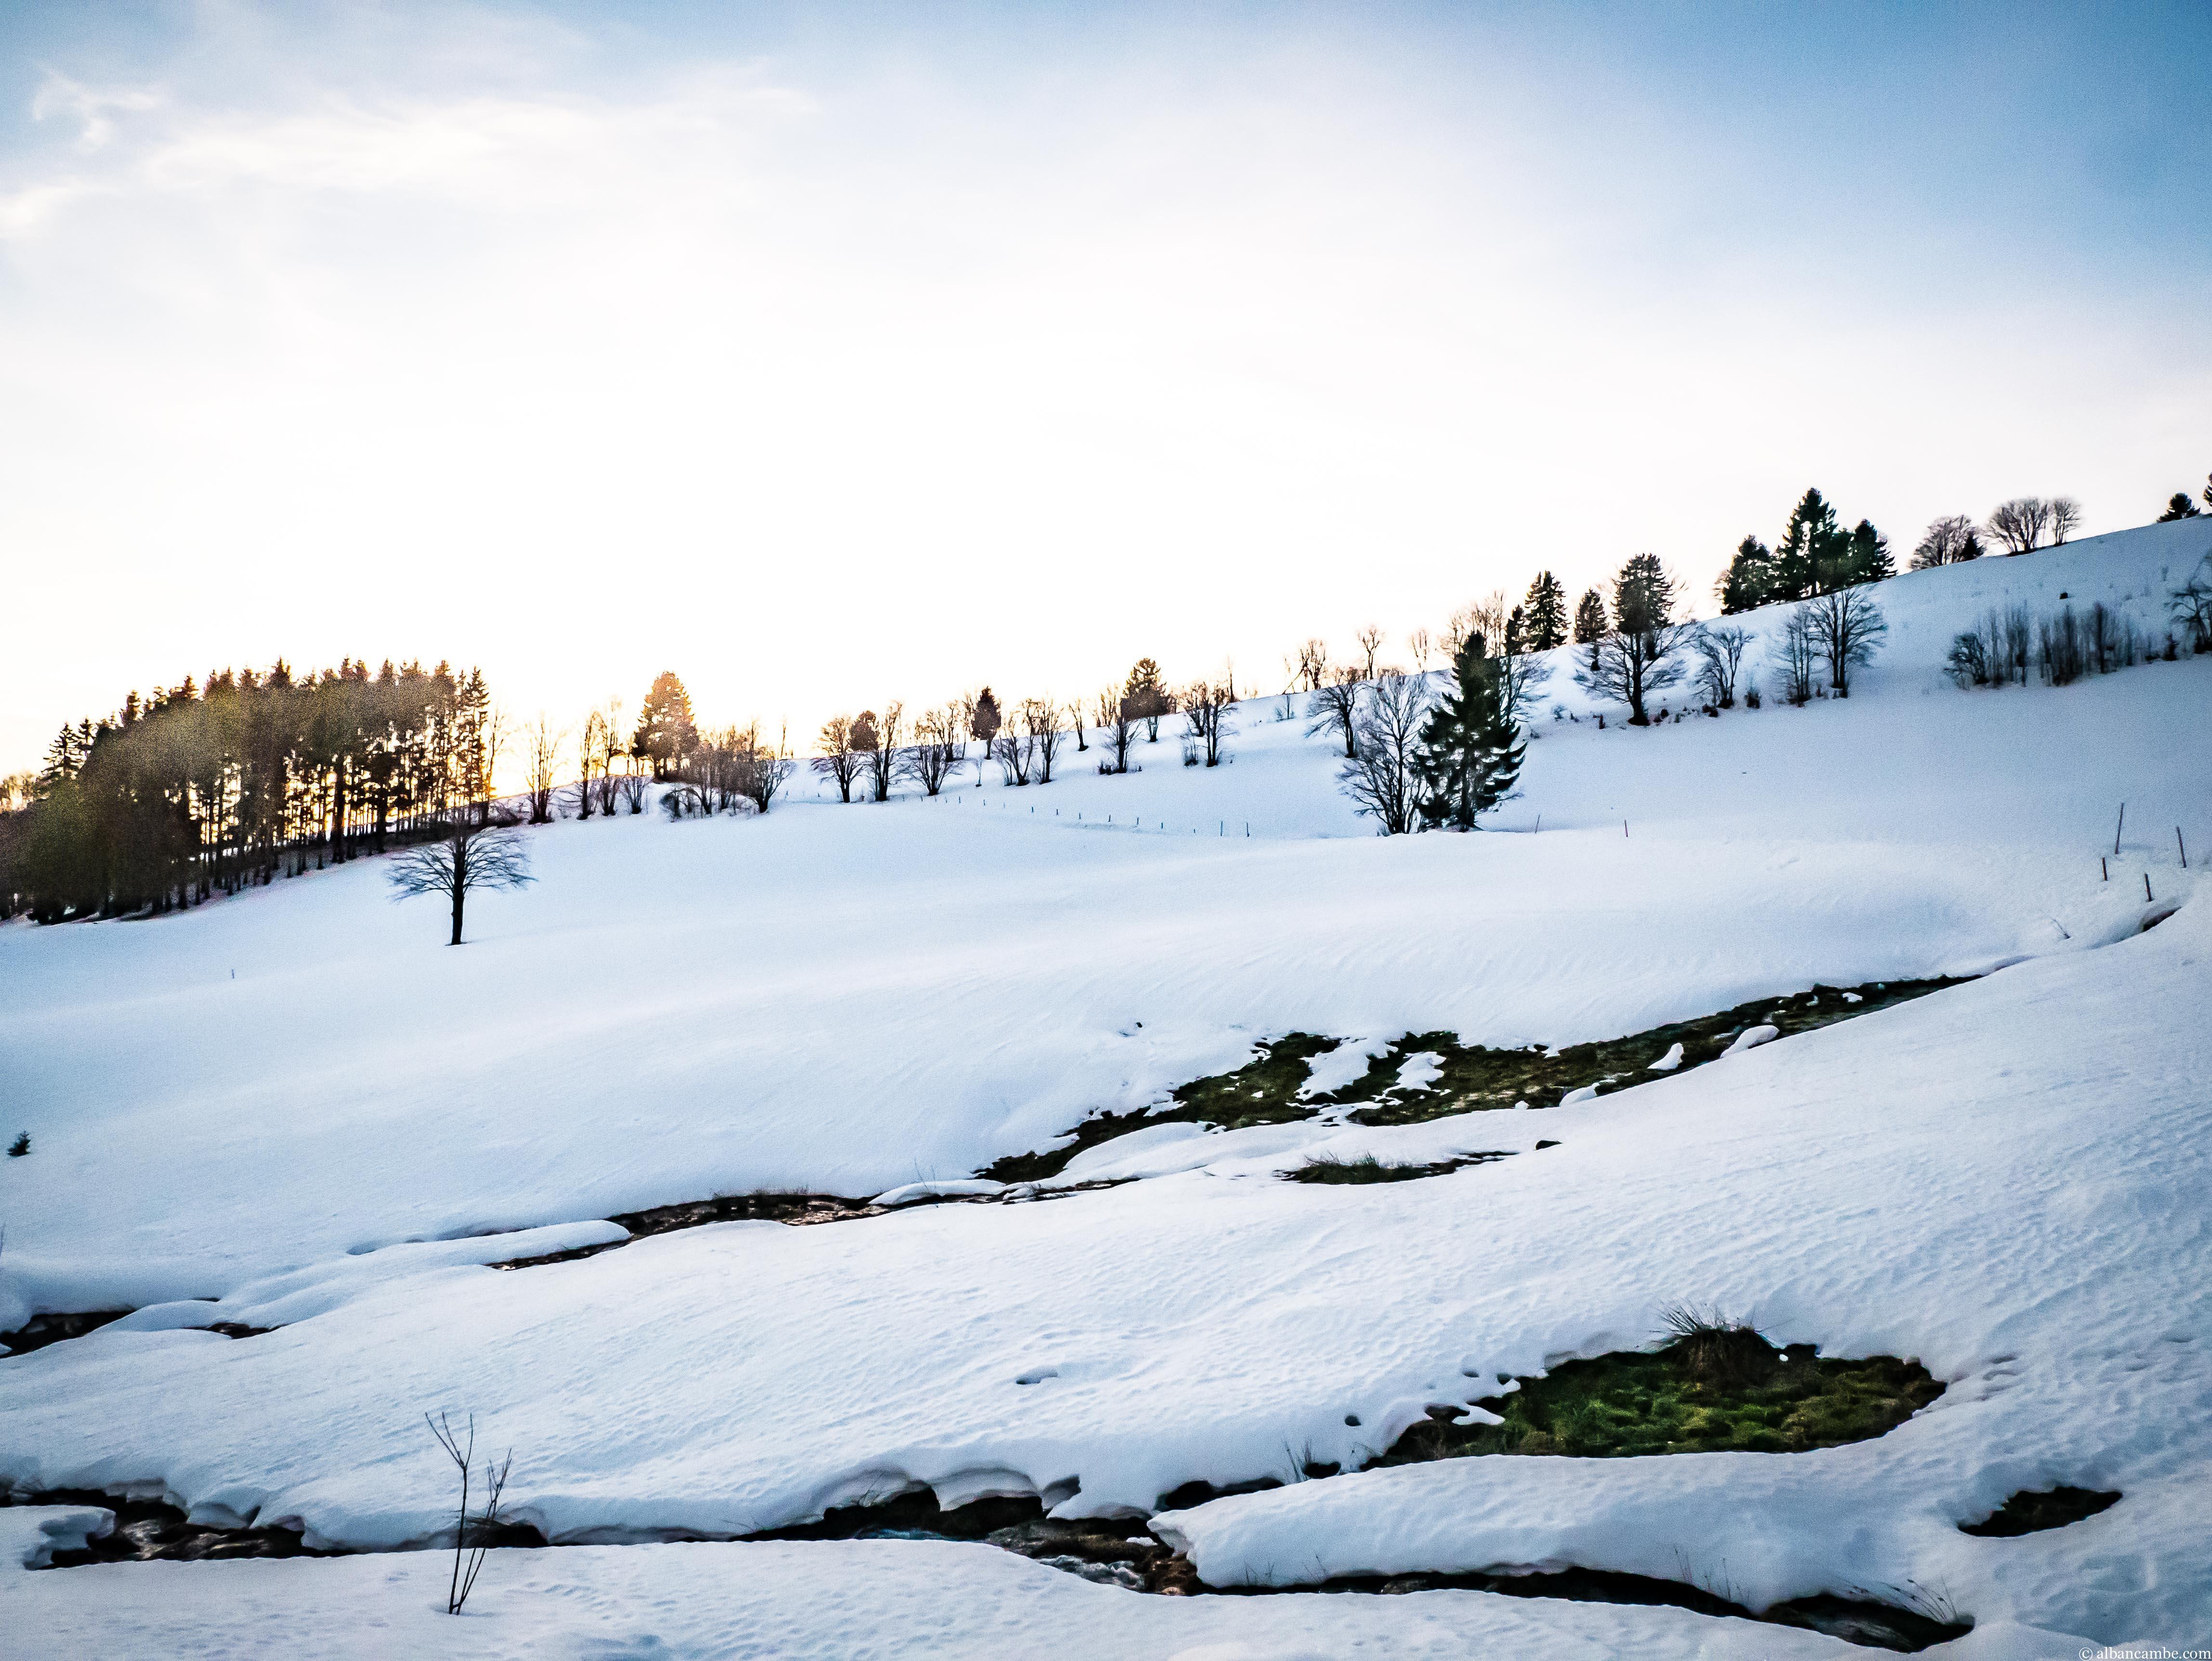 L'hypothermie, un mal insidieux : s'en prémunir et réagir